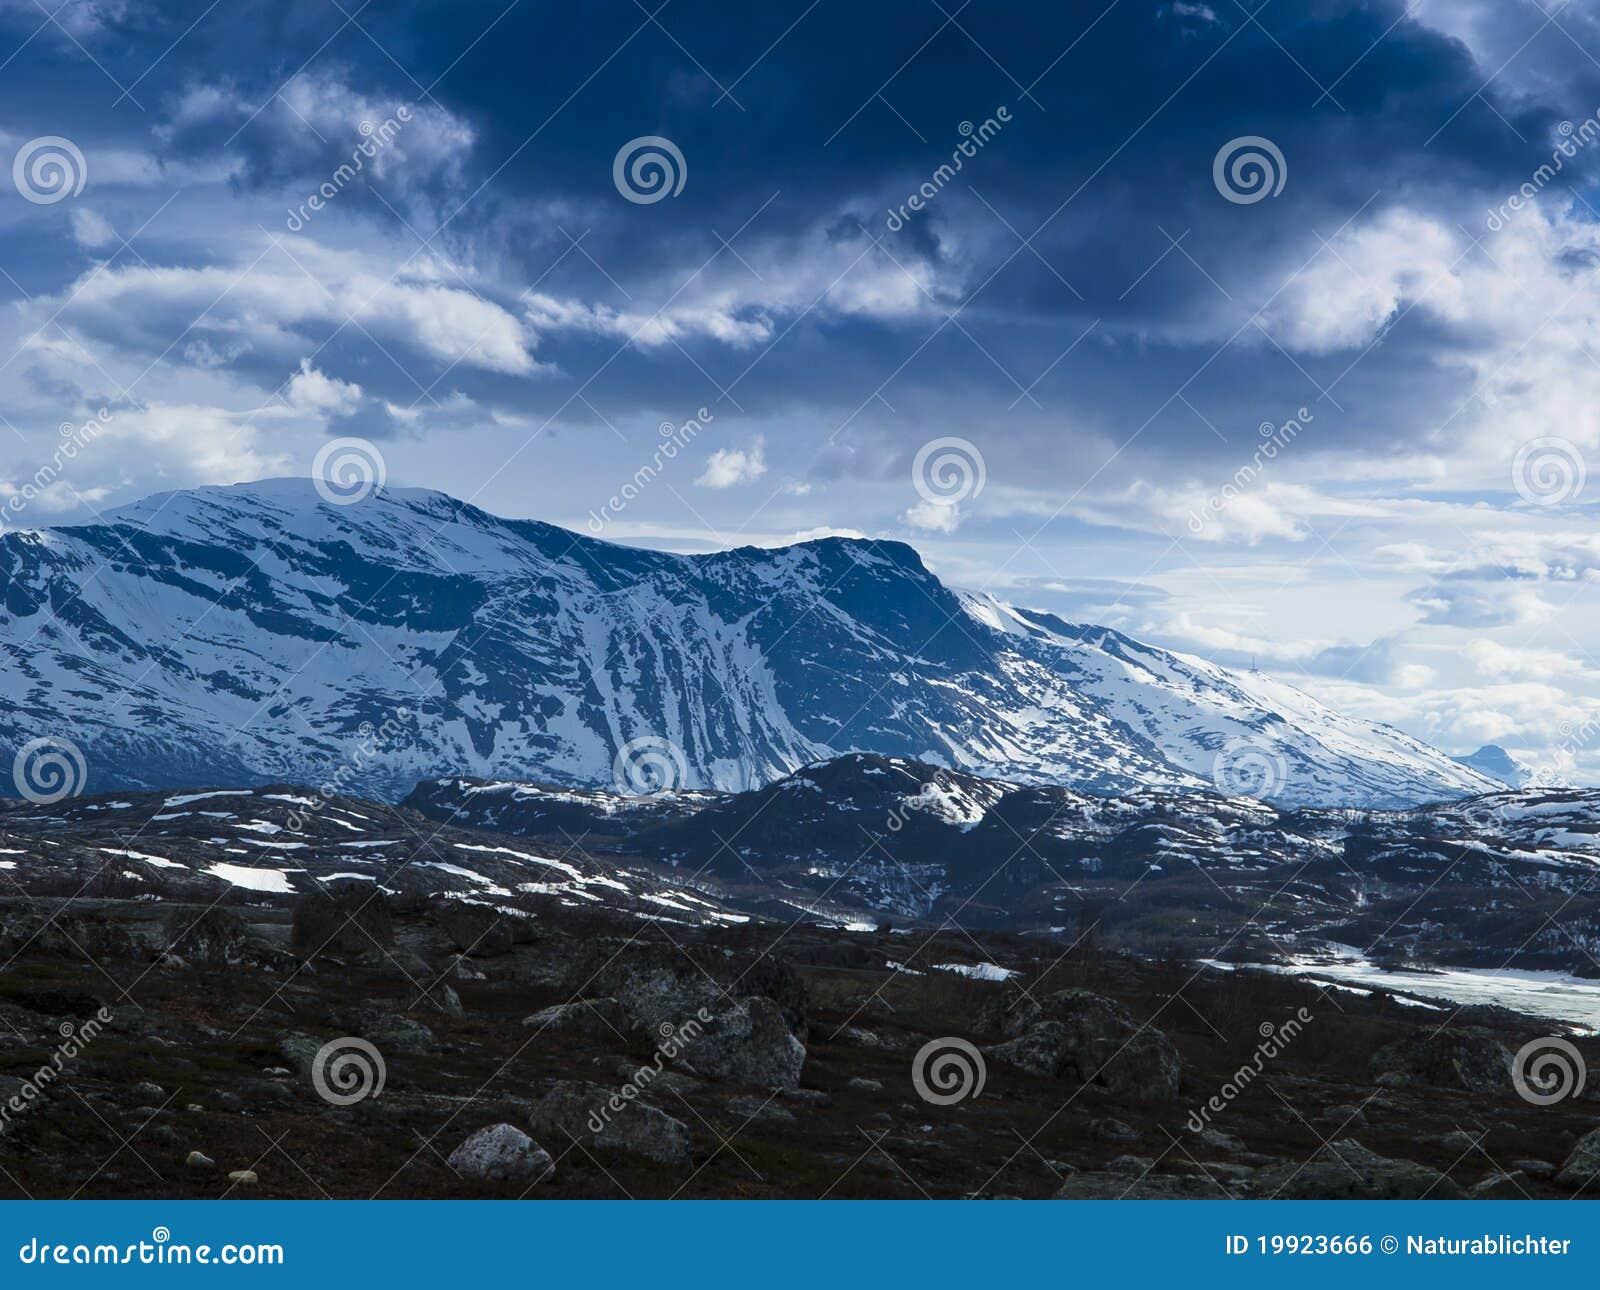 Snow mountainous landscape